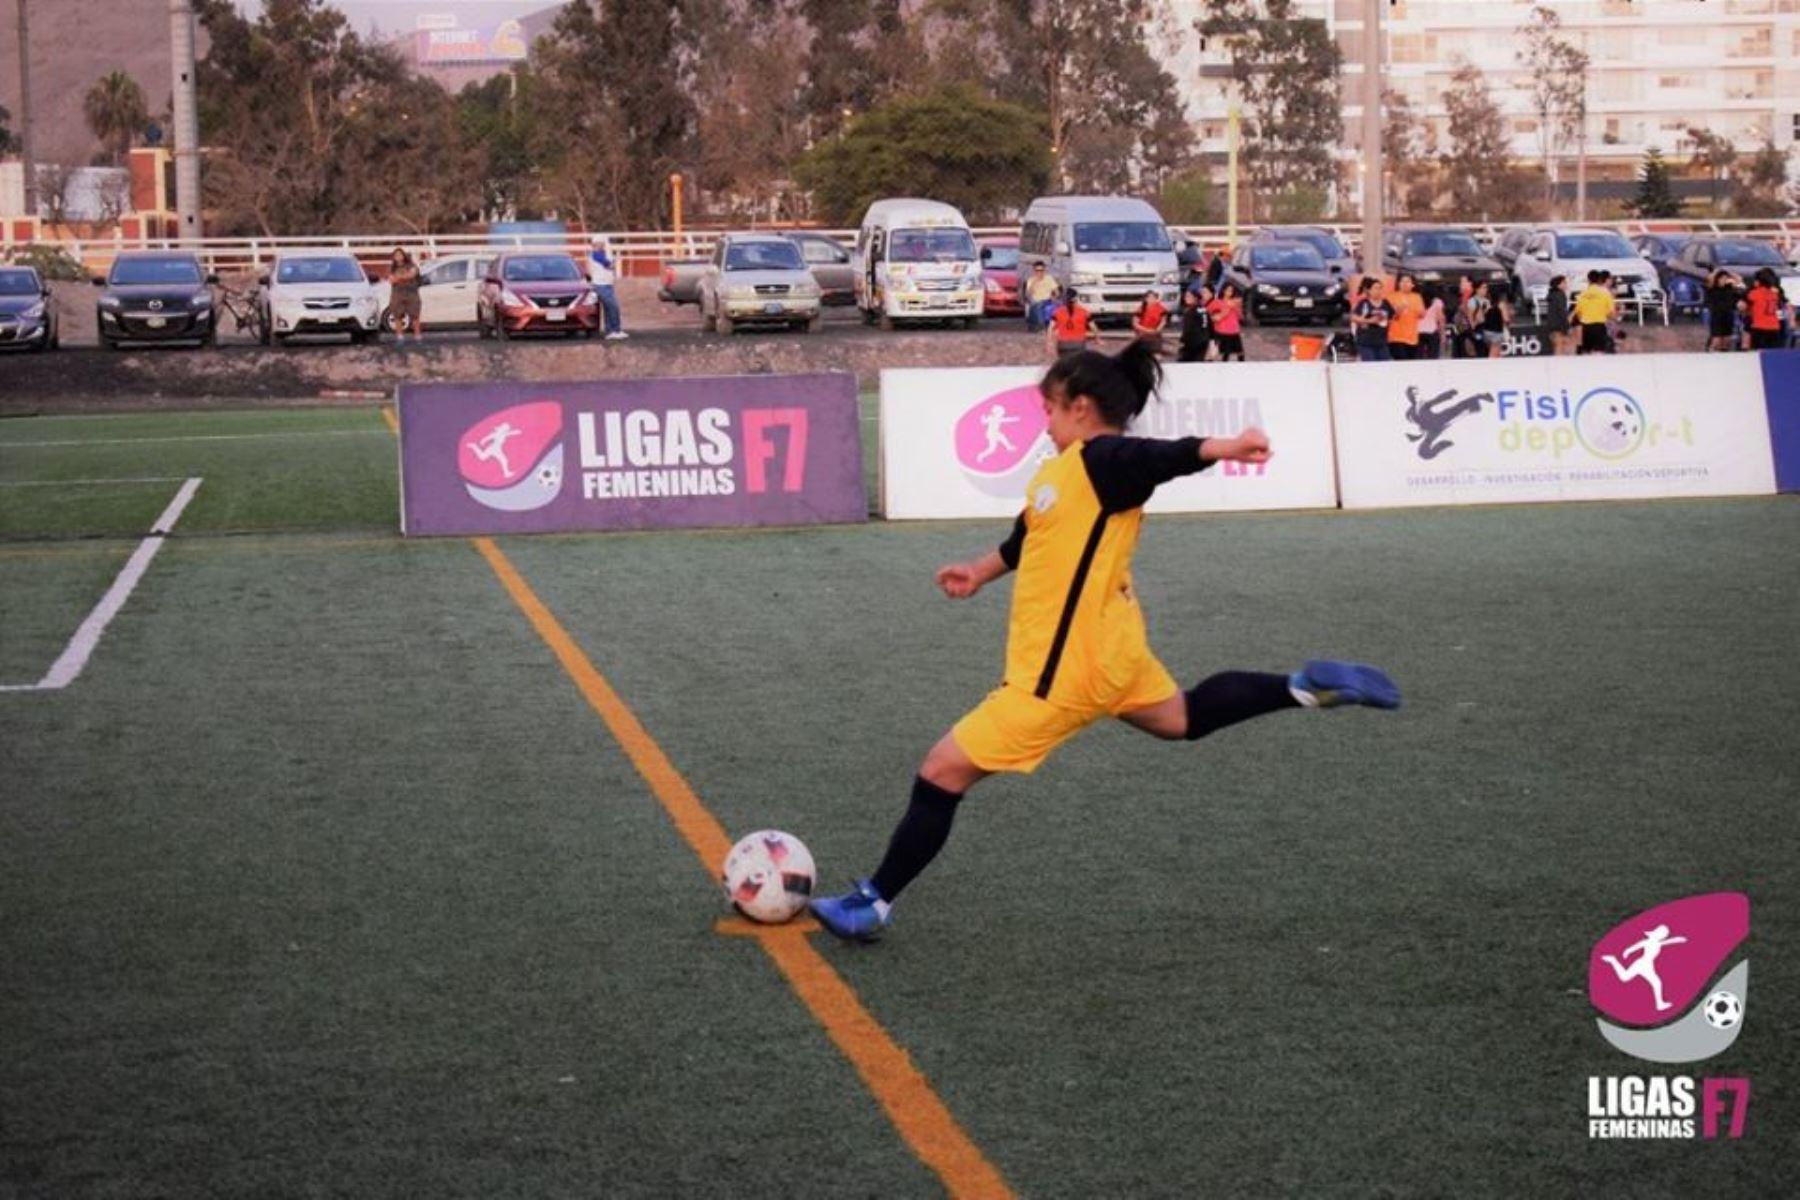 Australia apoyará Liga femenina de fútbol en Perú